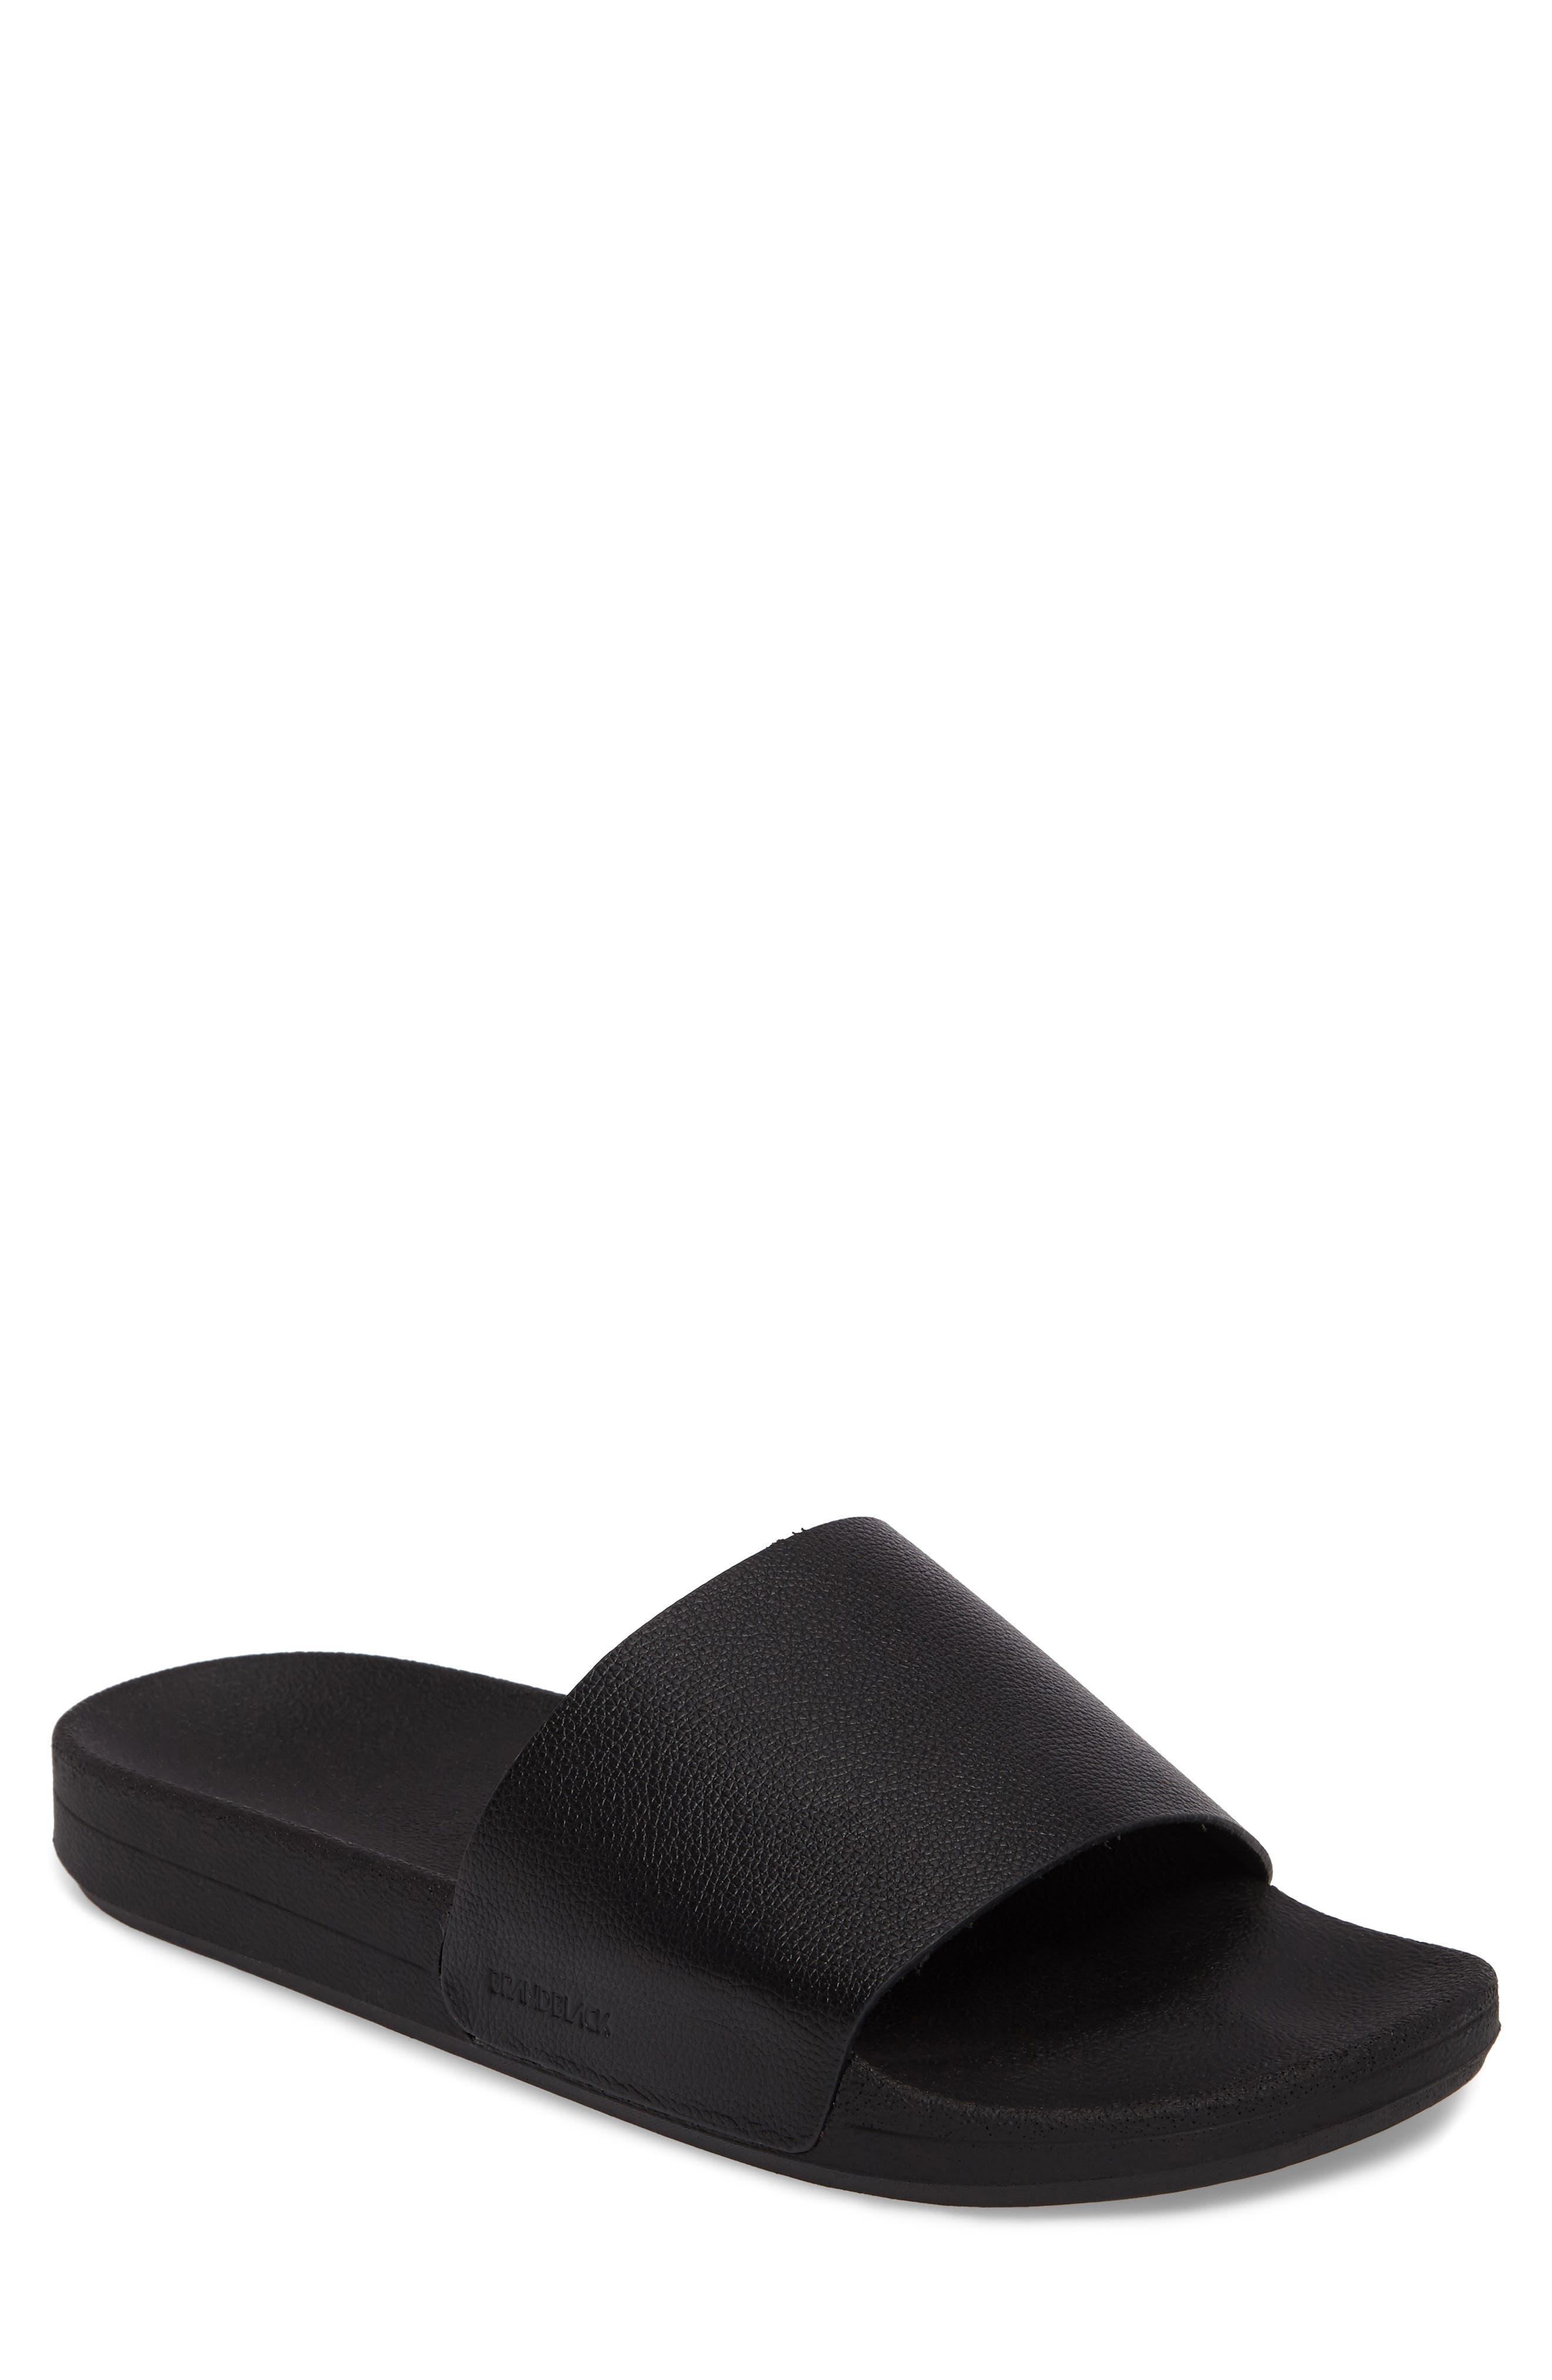 Kashiba Slide Sandal,                             Main thumbnail 1, color,                             017